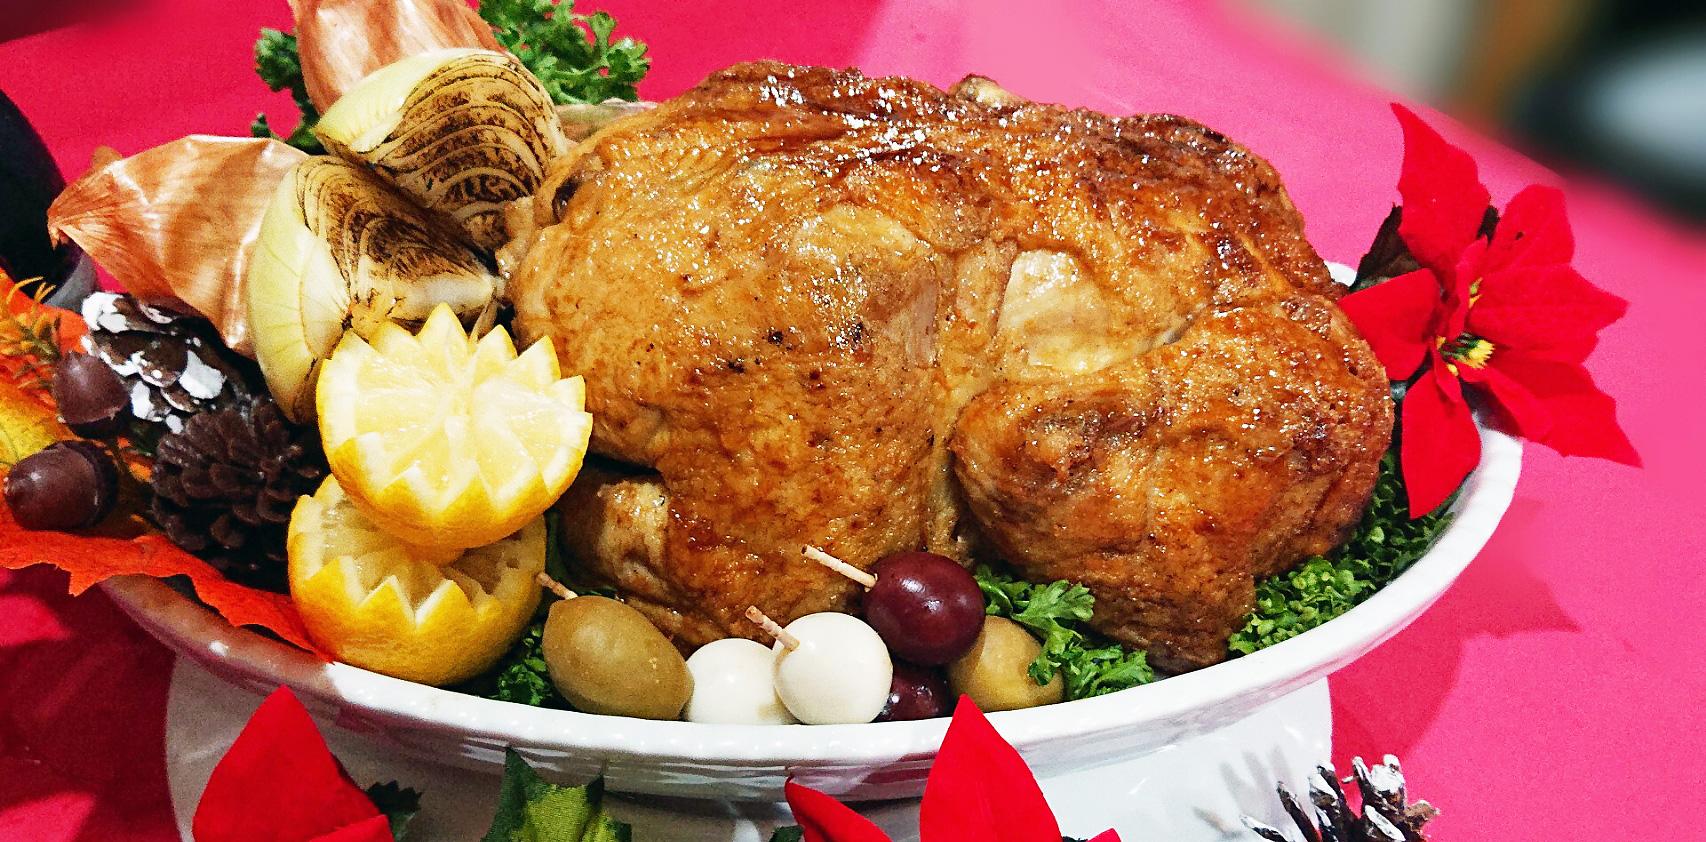 【完全予約】【数量限定】Xmasチキン『国産若鶏ローストチキン』予約受付開始!